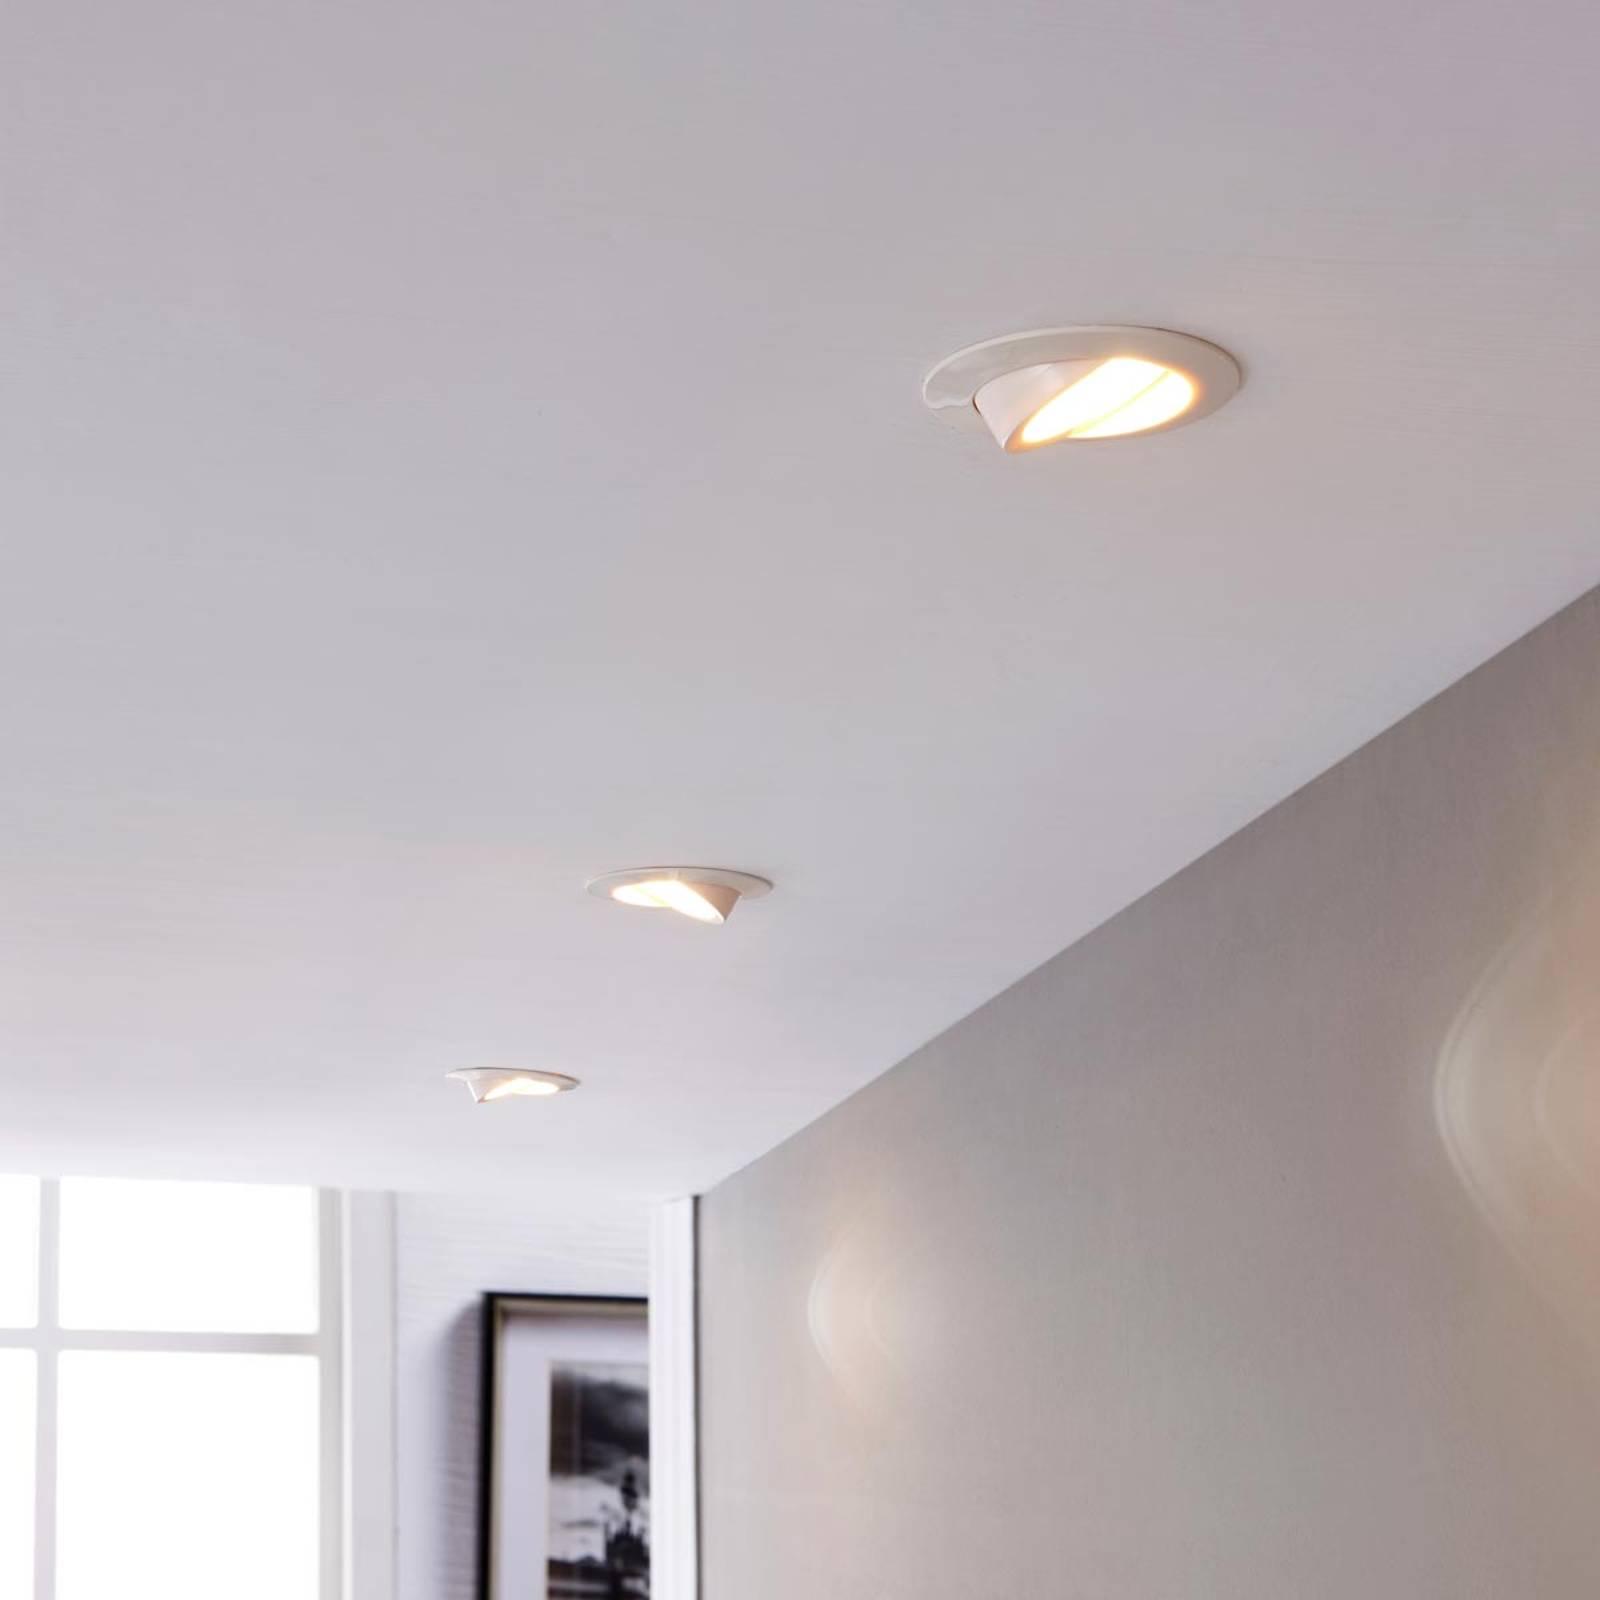 LED-kohdevalaisin Andrej pyöreä, valkoinen 3-sarja